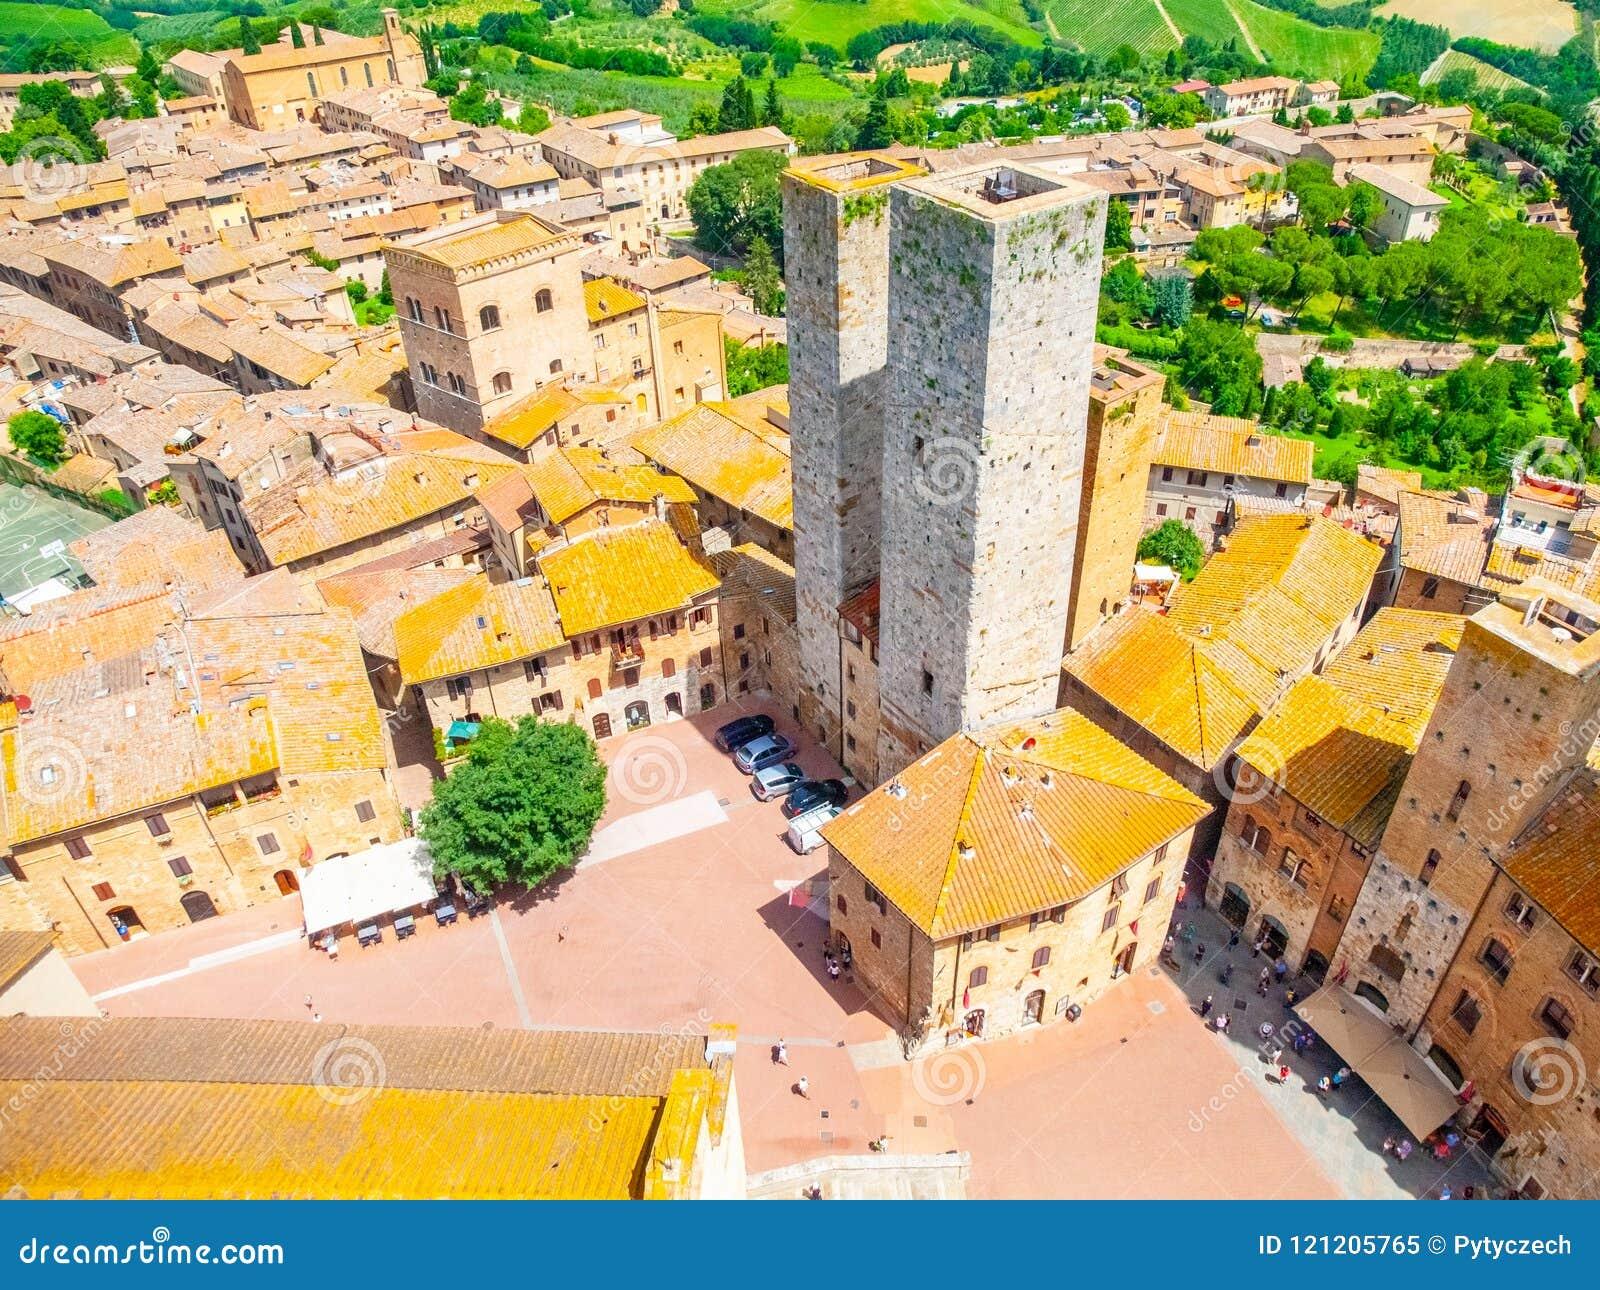 Vogelperspektive des historischen Stadtzentrums San Gimignanos mit Twin Towern - Torri-dei Salvucci, Toskana, Italien